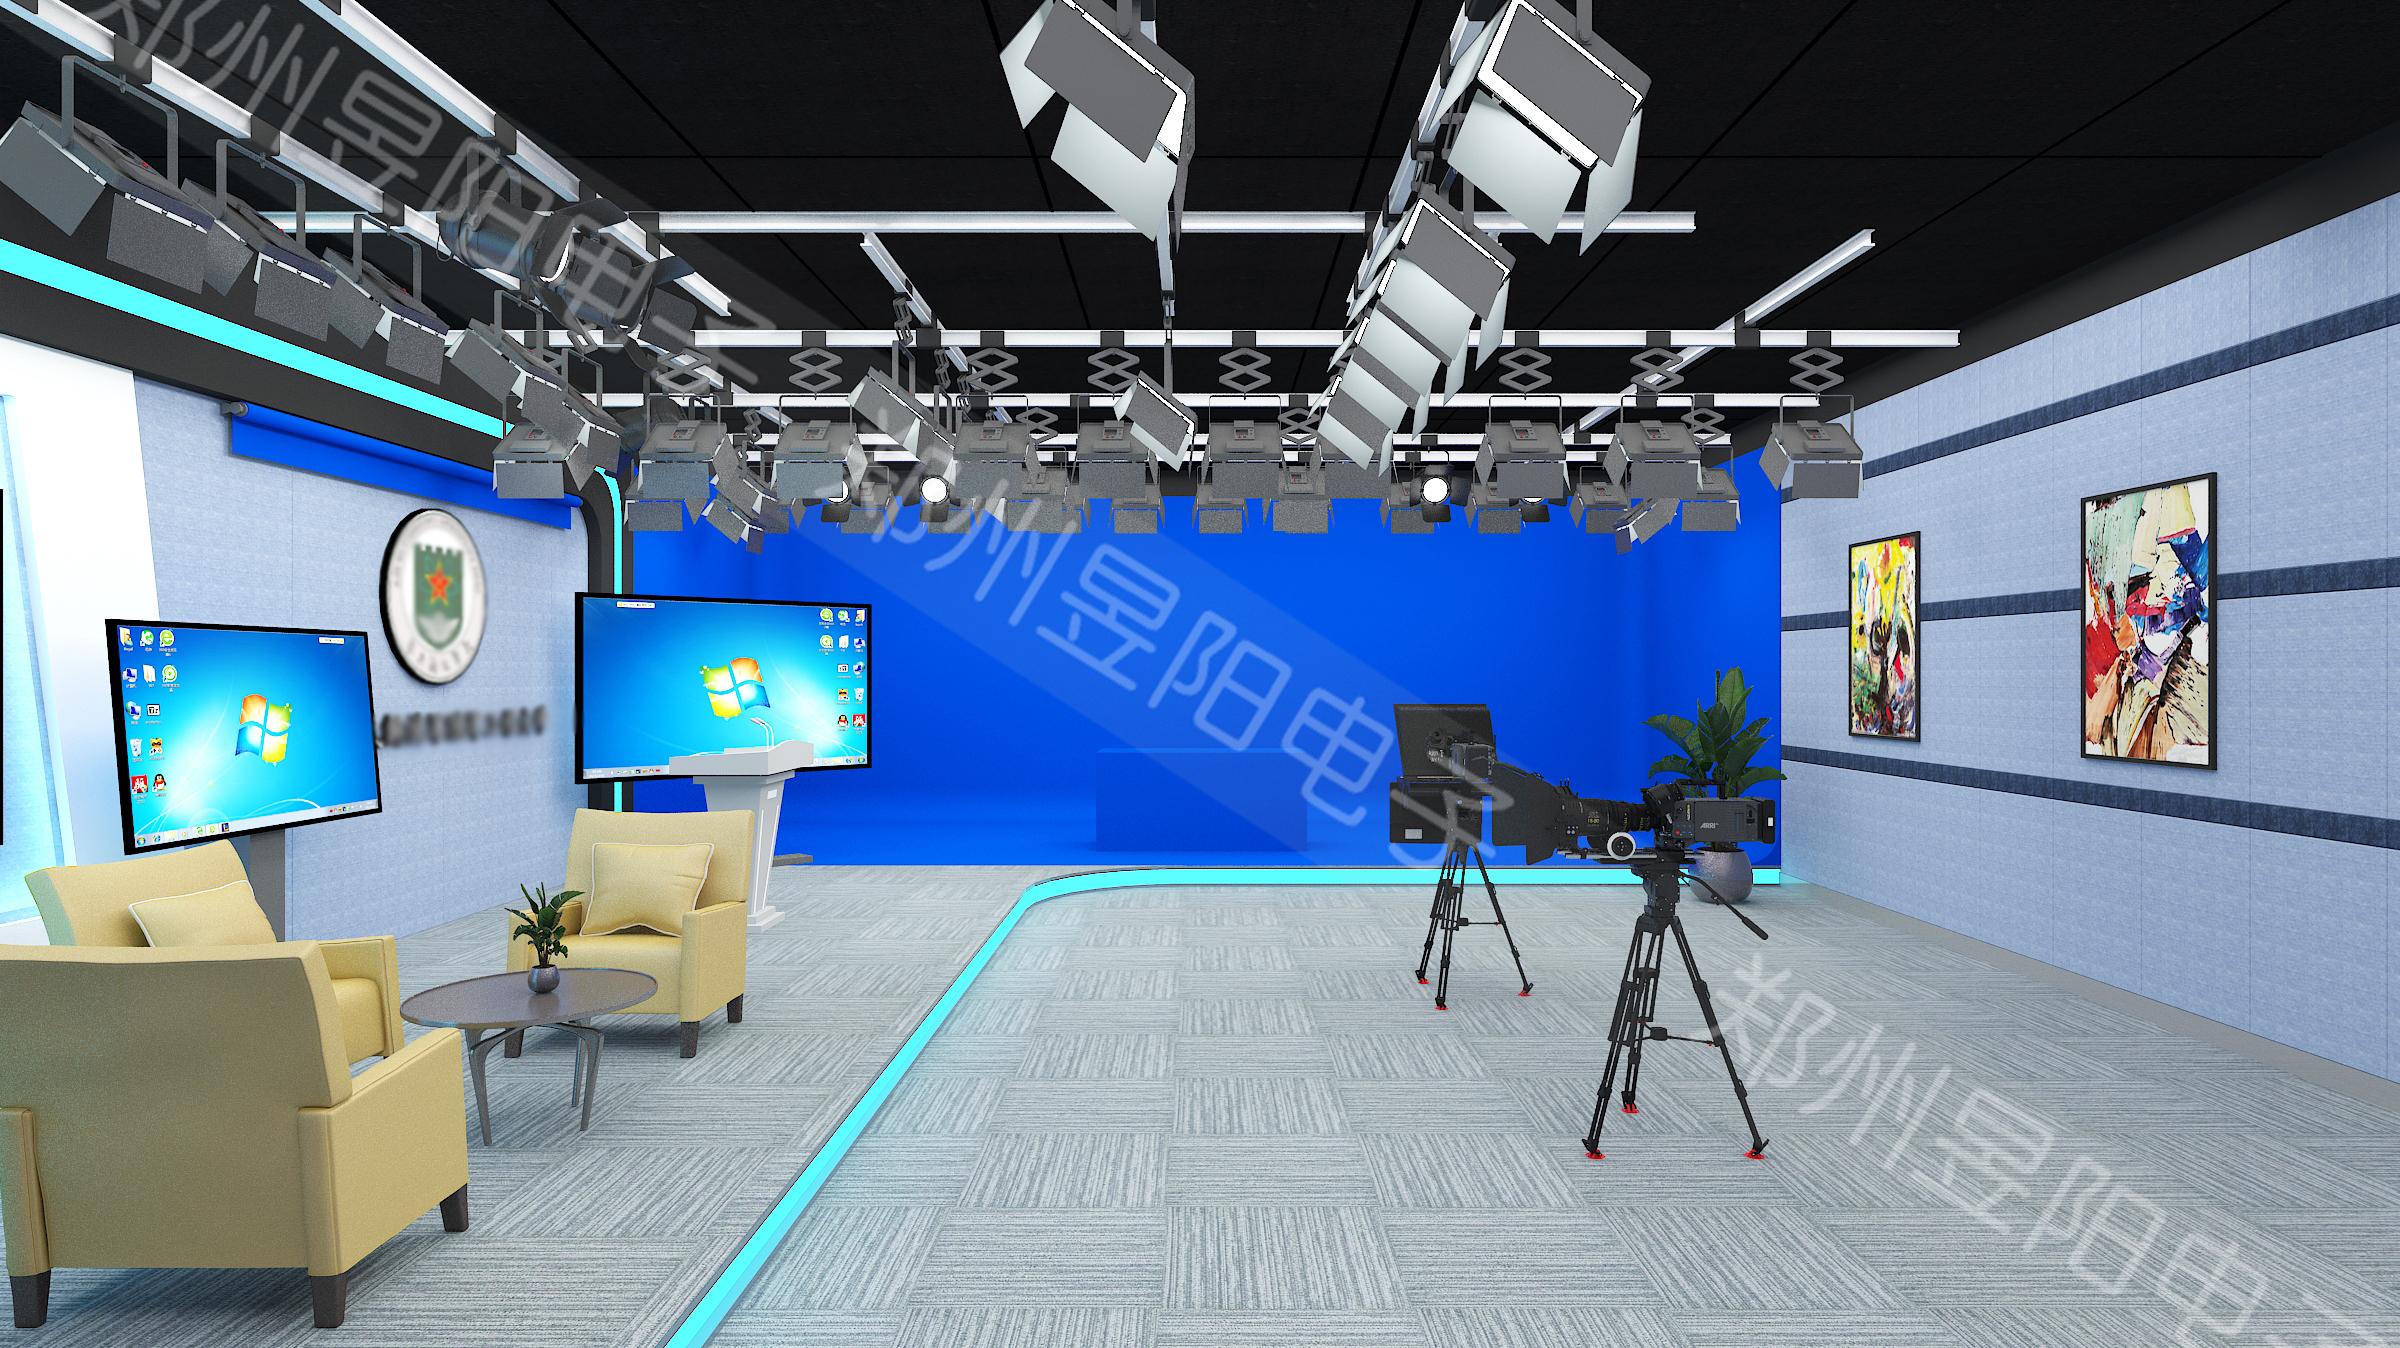 虚拟演播室工程(图1)